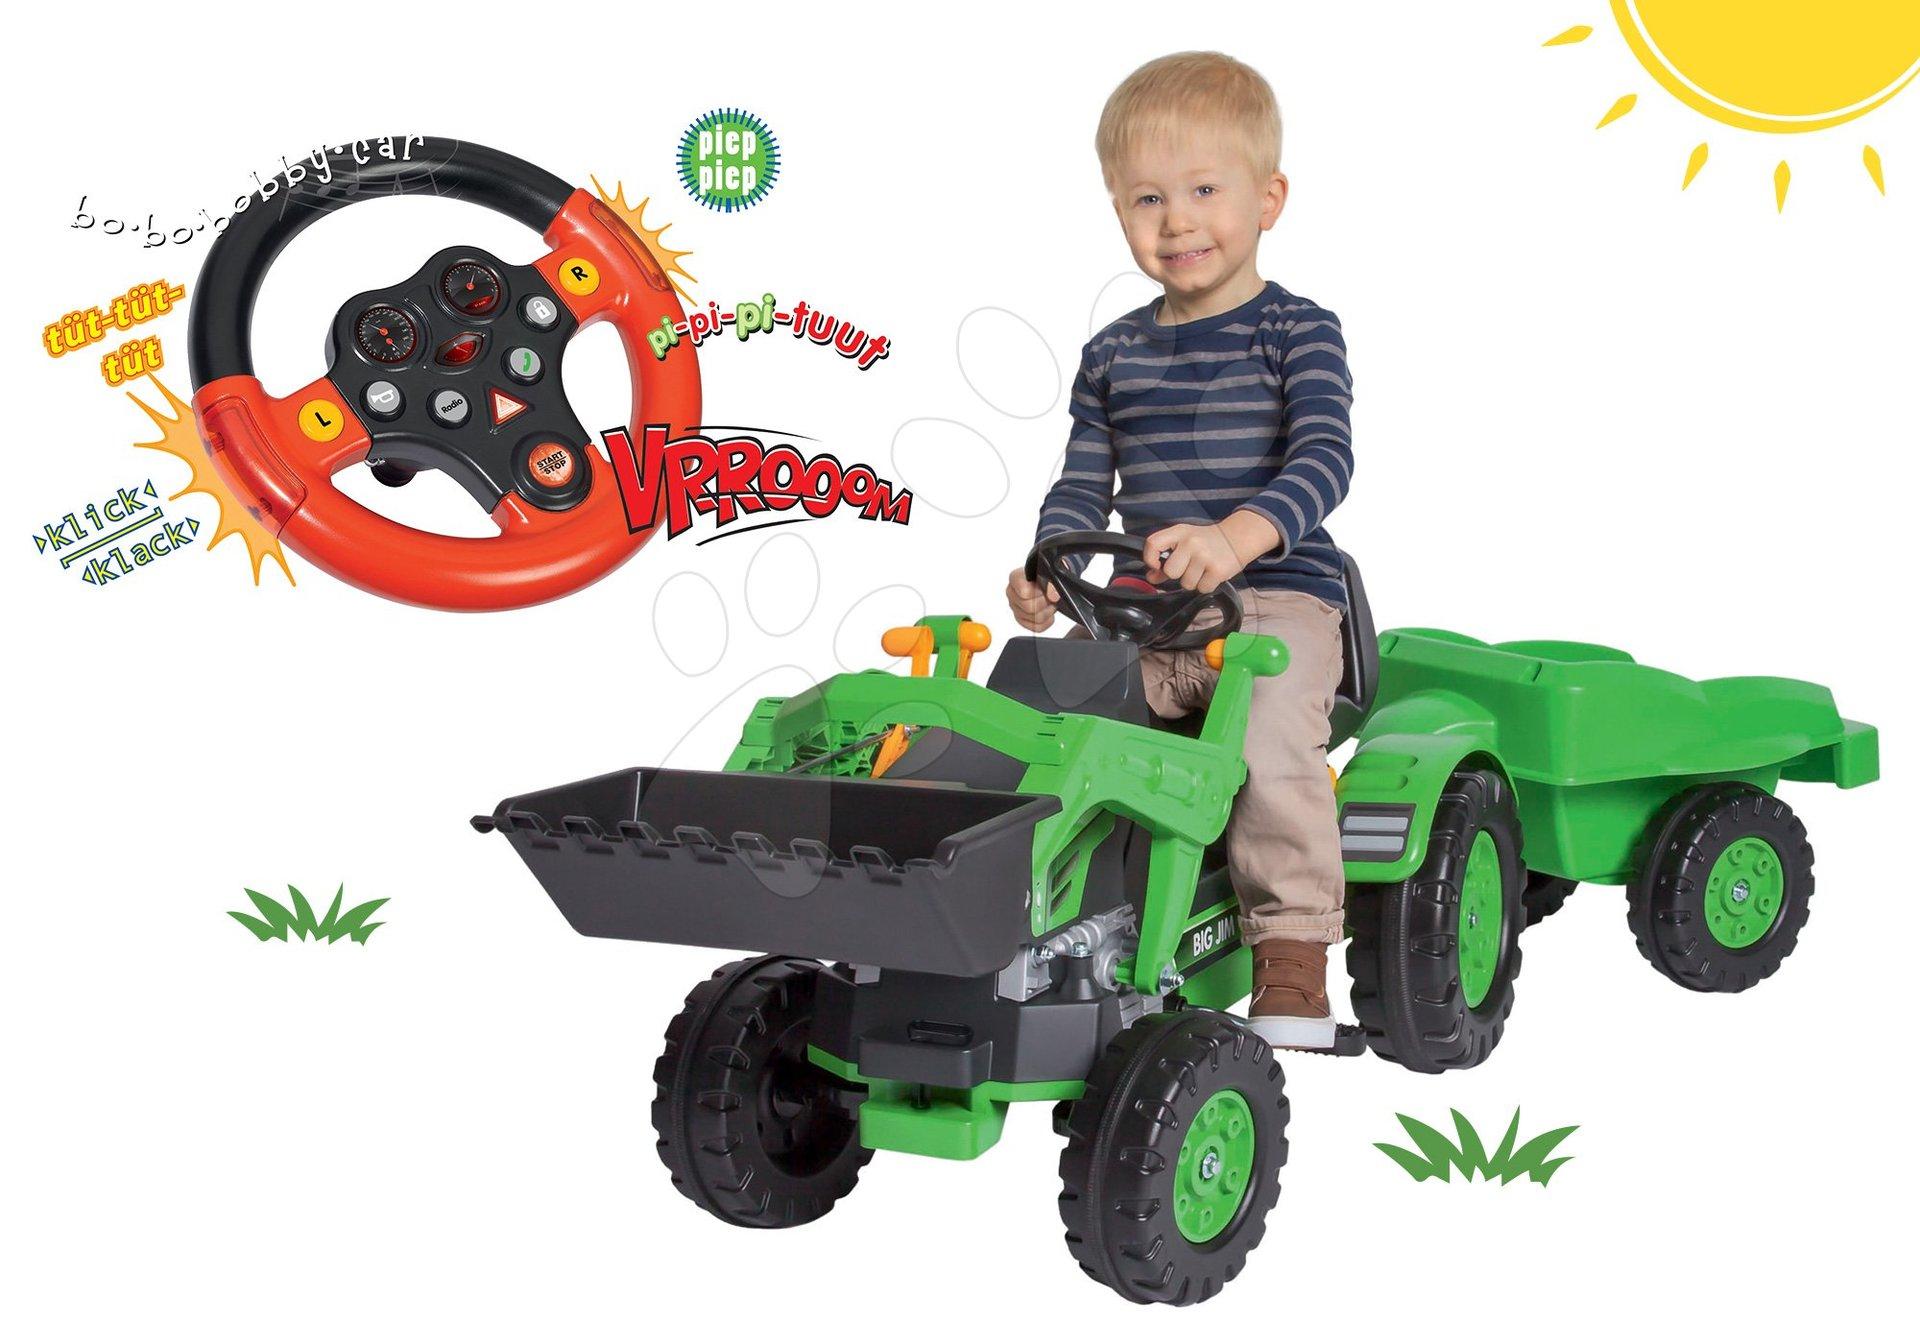 BIG set šľapací traktor Jim Loader s nakladačom a prívesom a interaktívny volant Auto so zvukom a svetlom 56516-9